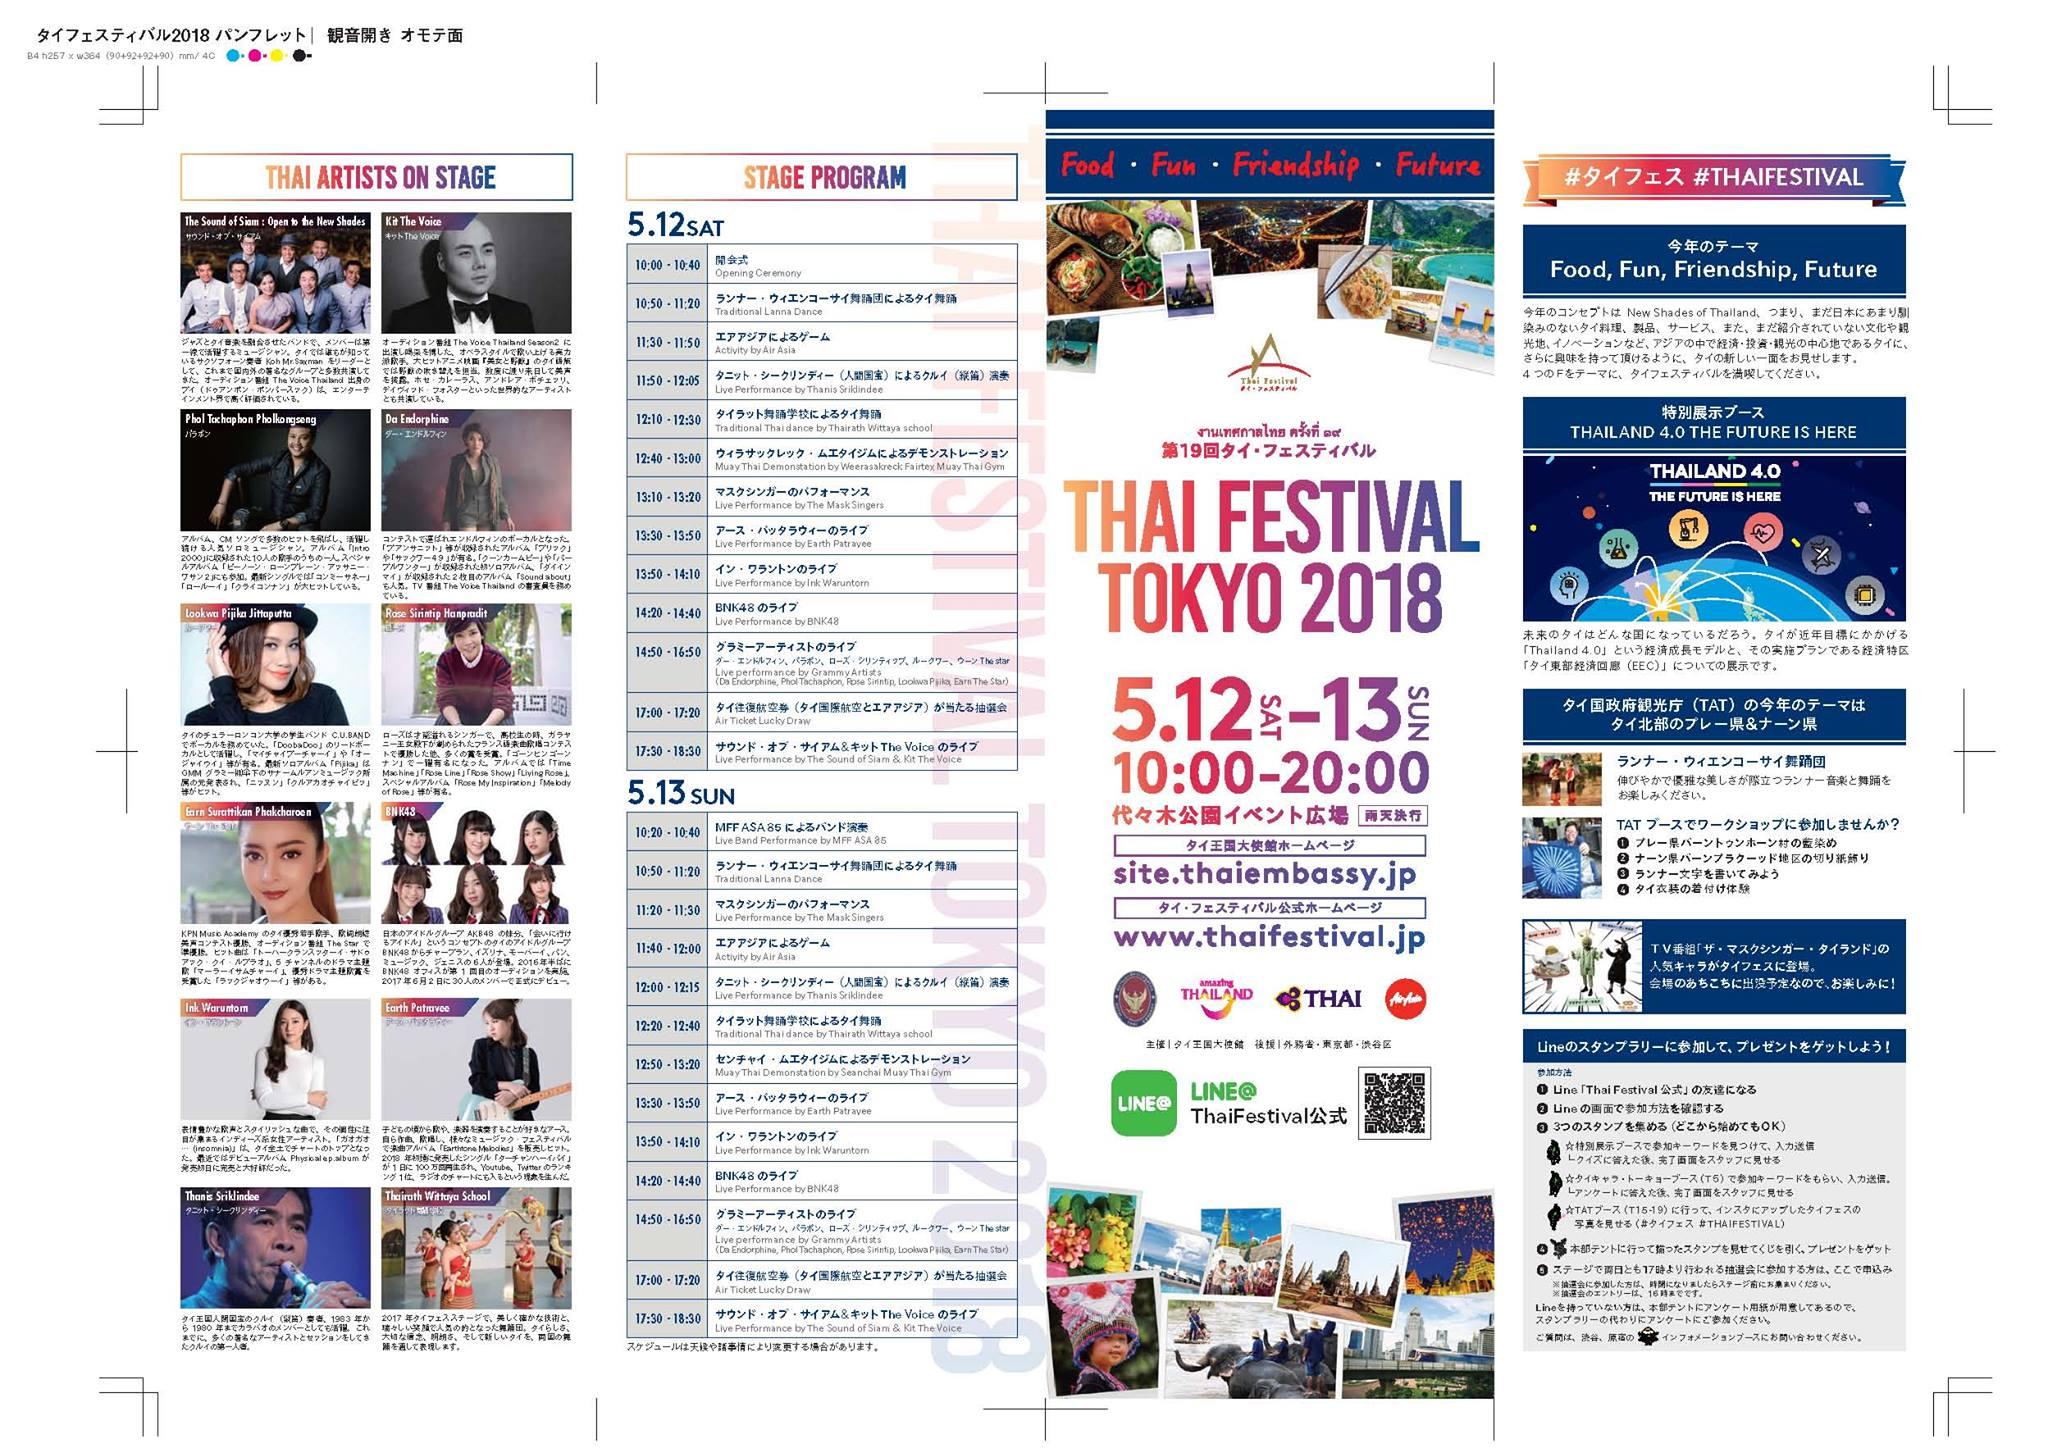 「タイ・フェスティバル2018」本日開幕!東京・代々木公園から全国へ